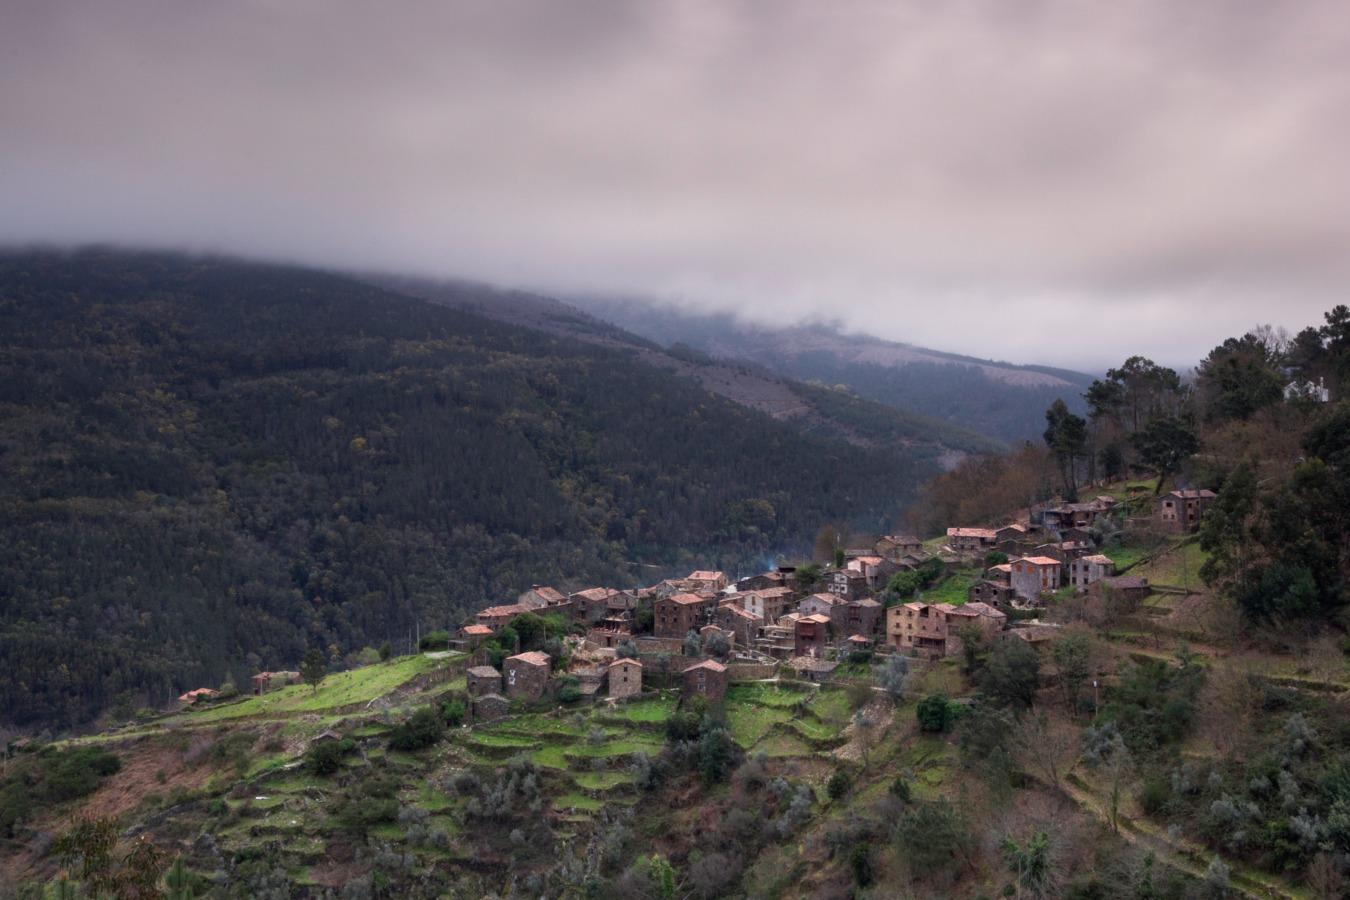 Vista aérea da aldeia de Talasnal